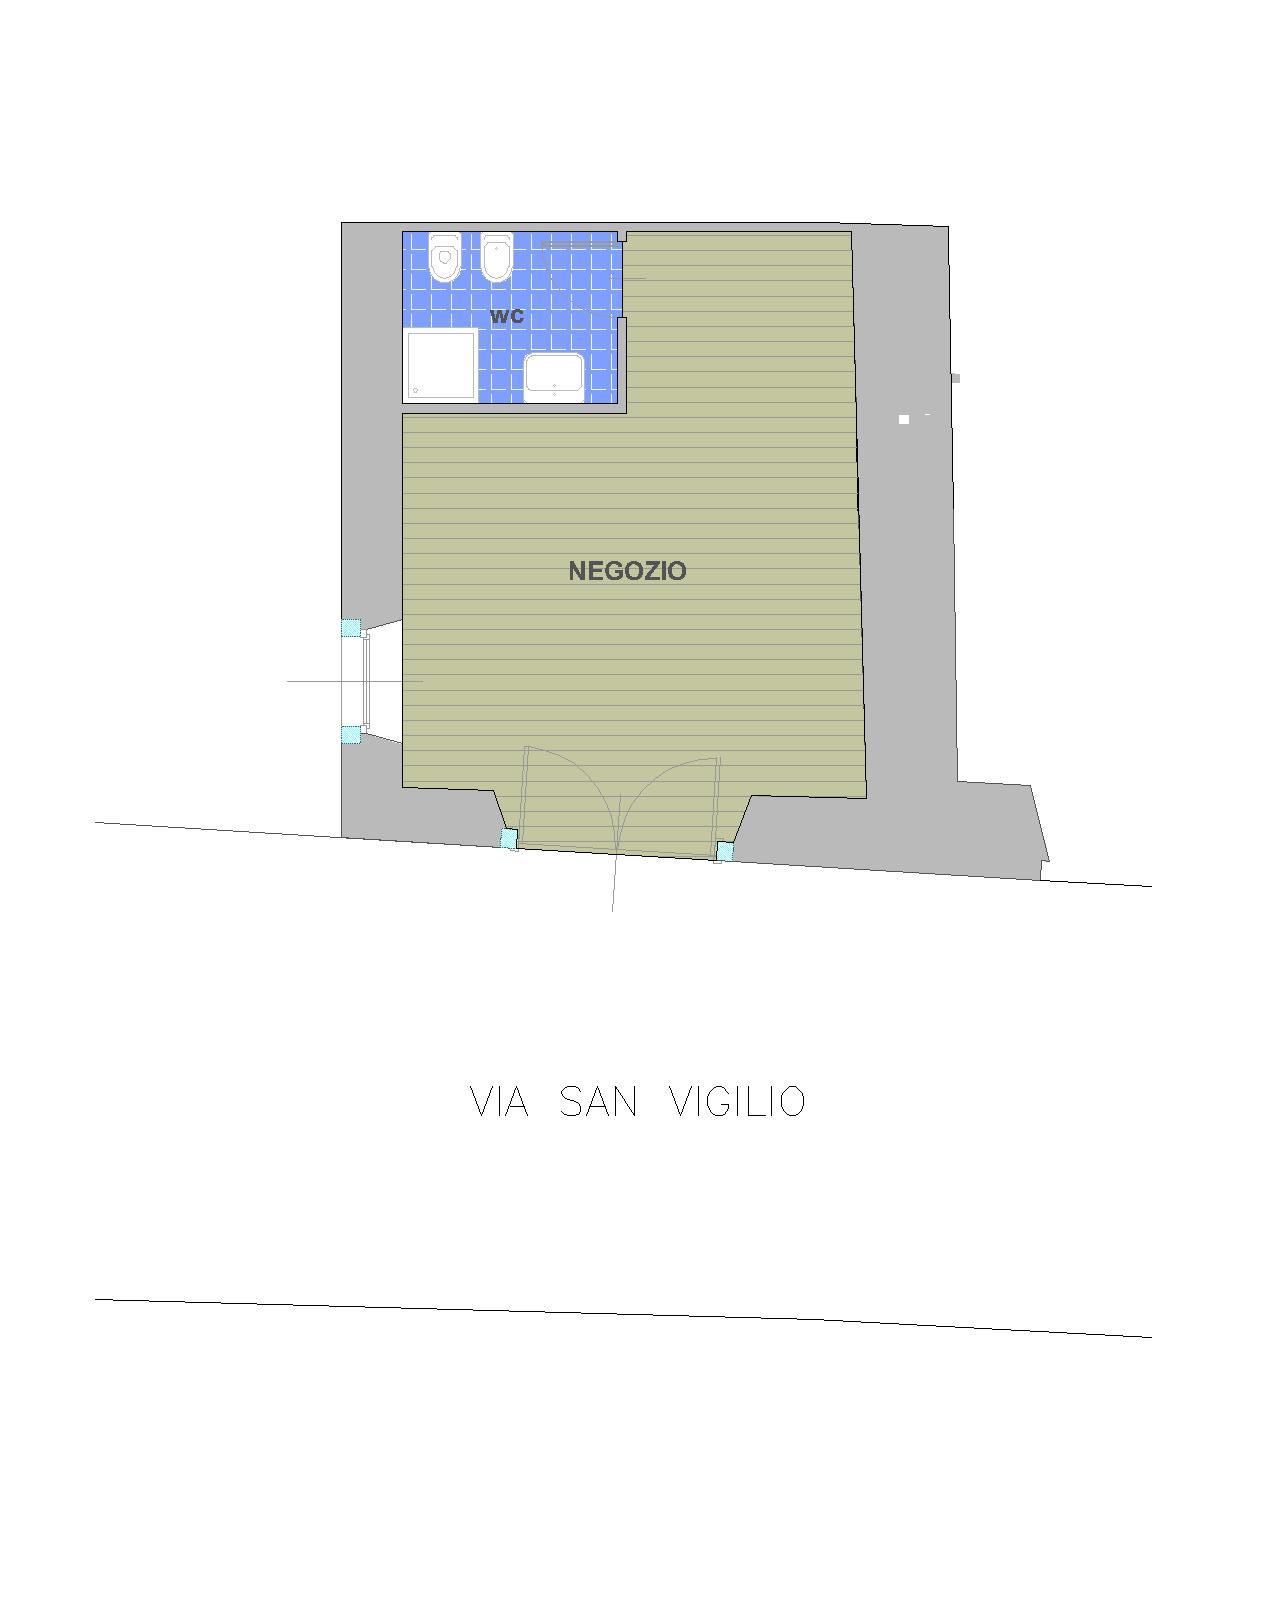 Negozio / Locale in affitto a Nago-Torbole, 9999 locali, zona Zona: Nago, prezzo € 500 | Cambio Casa.it